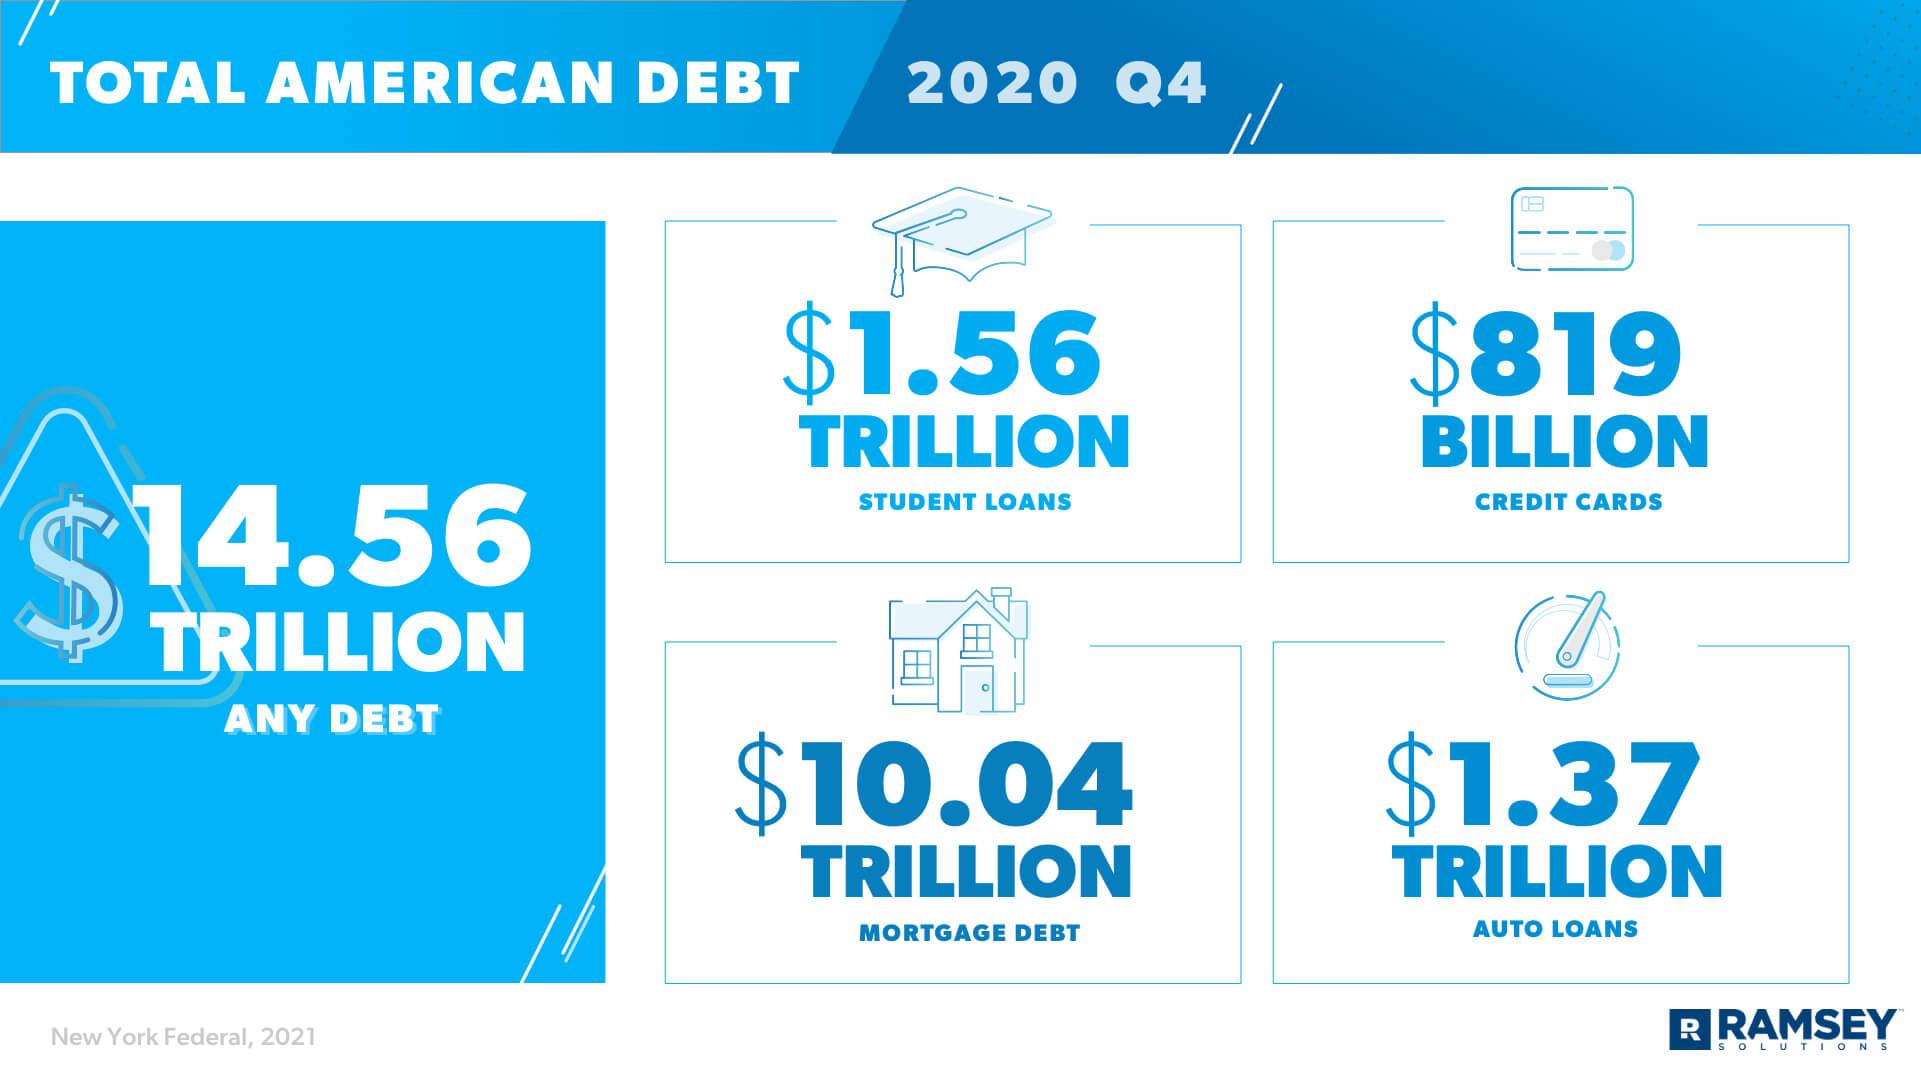 Total American Debt 2020 Q4